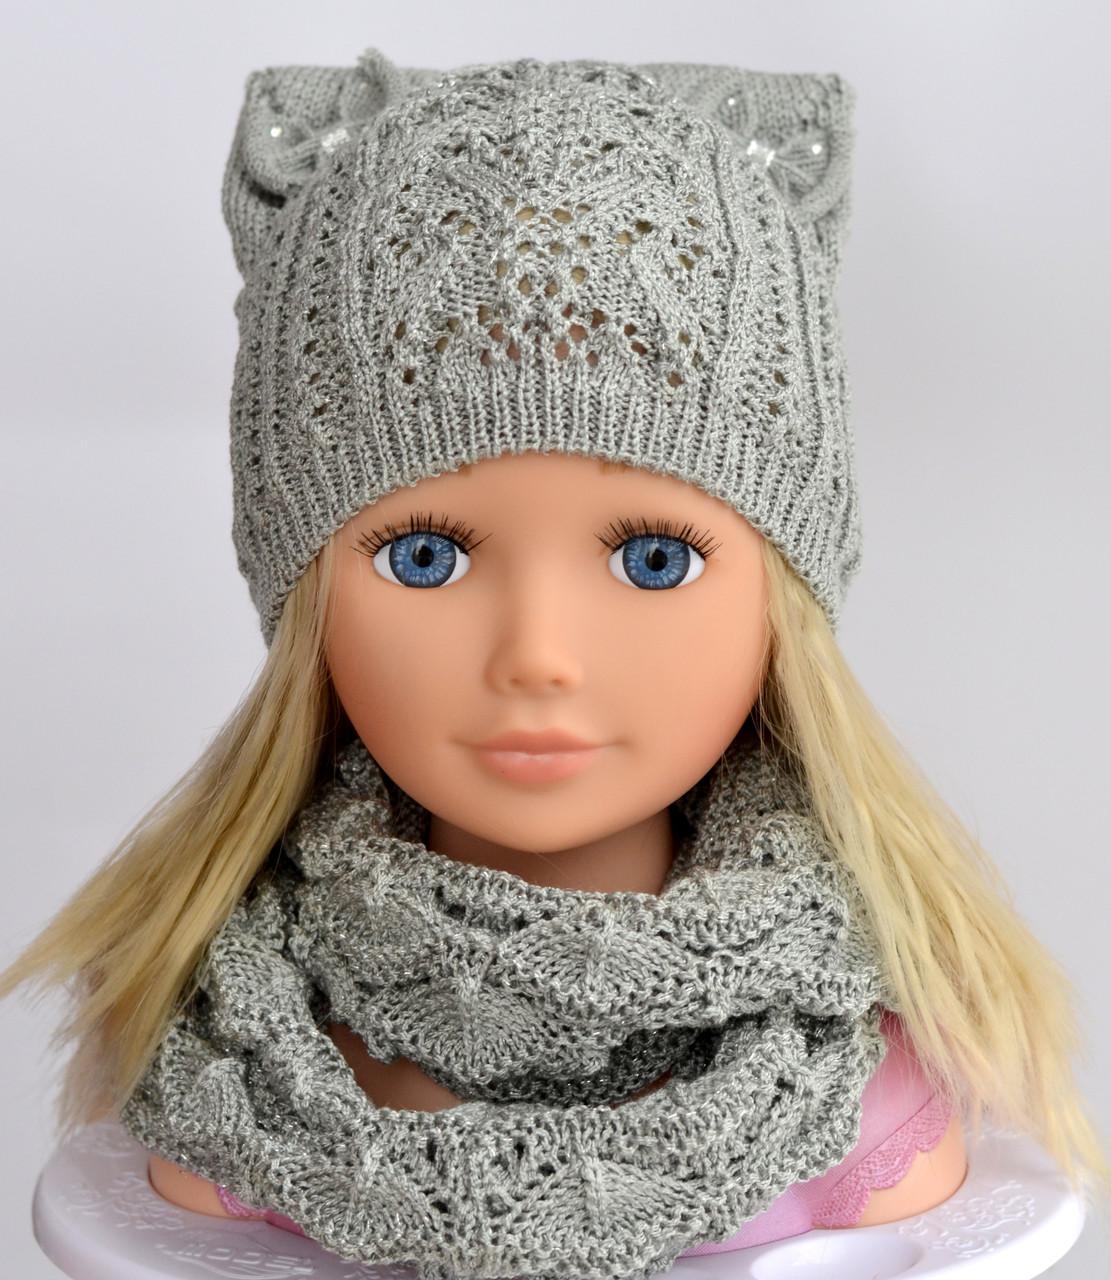 №108 Амели. Весенняя ажурная шапка для девочки 3-10 лет. р. 50-56 Есть св.серый